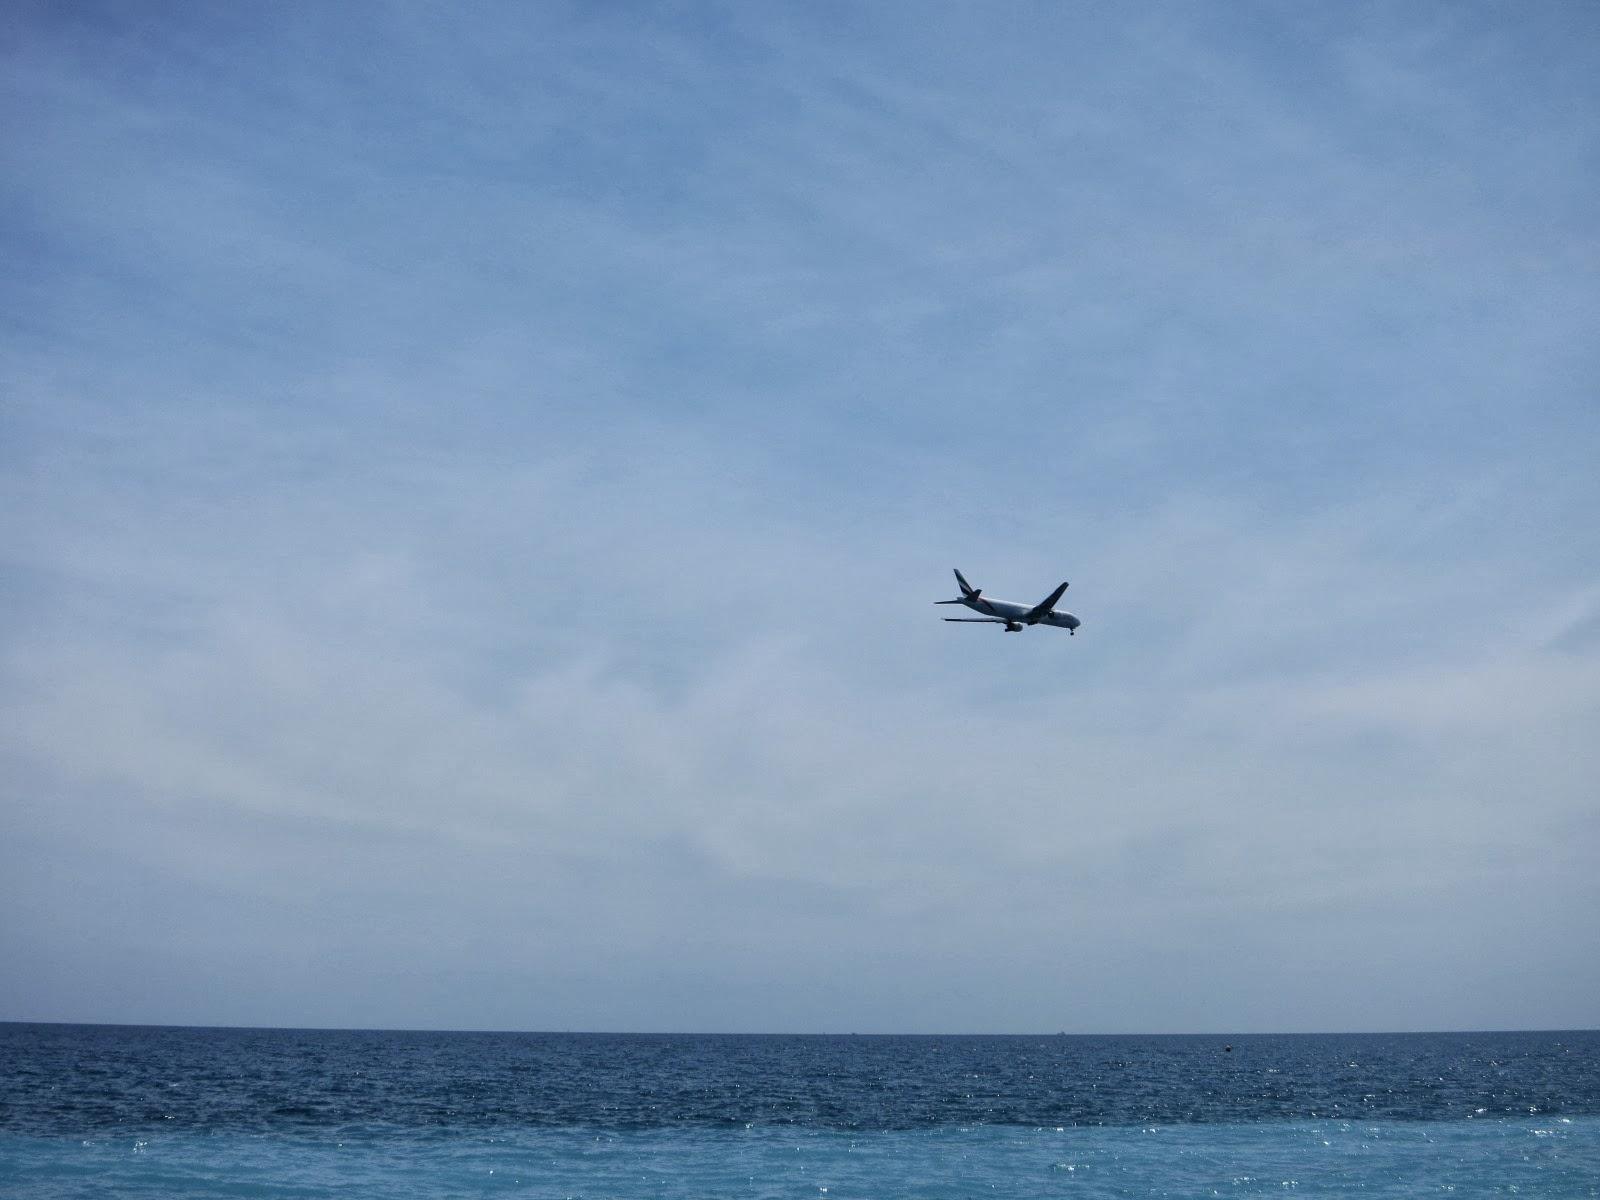 不时看见飞机降落